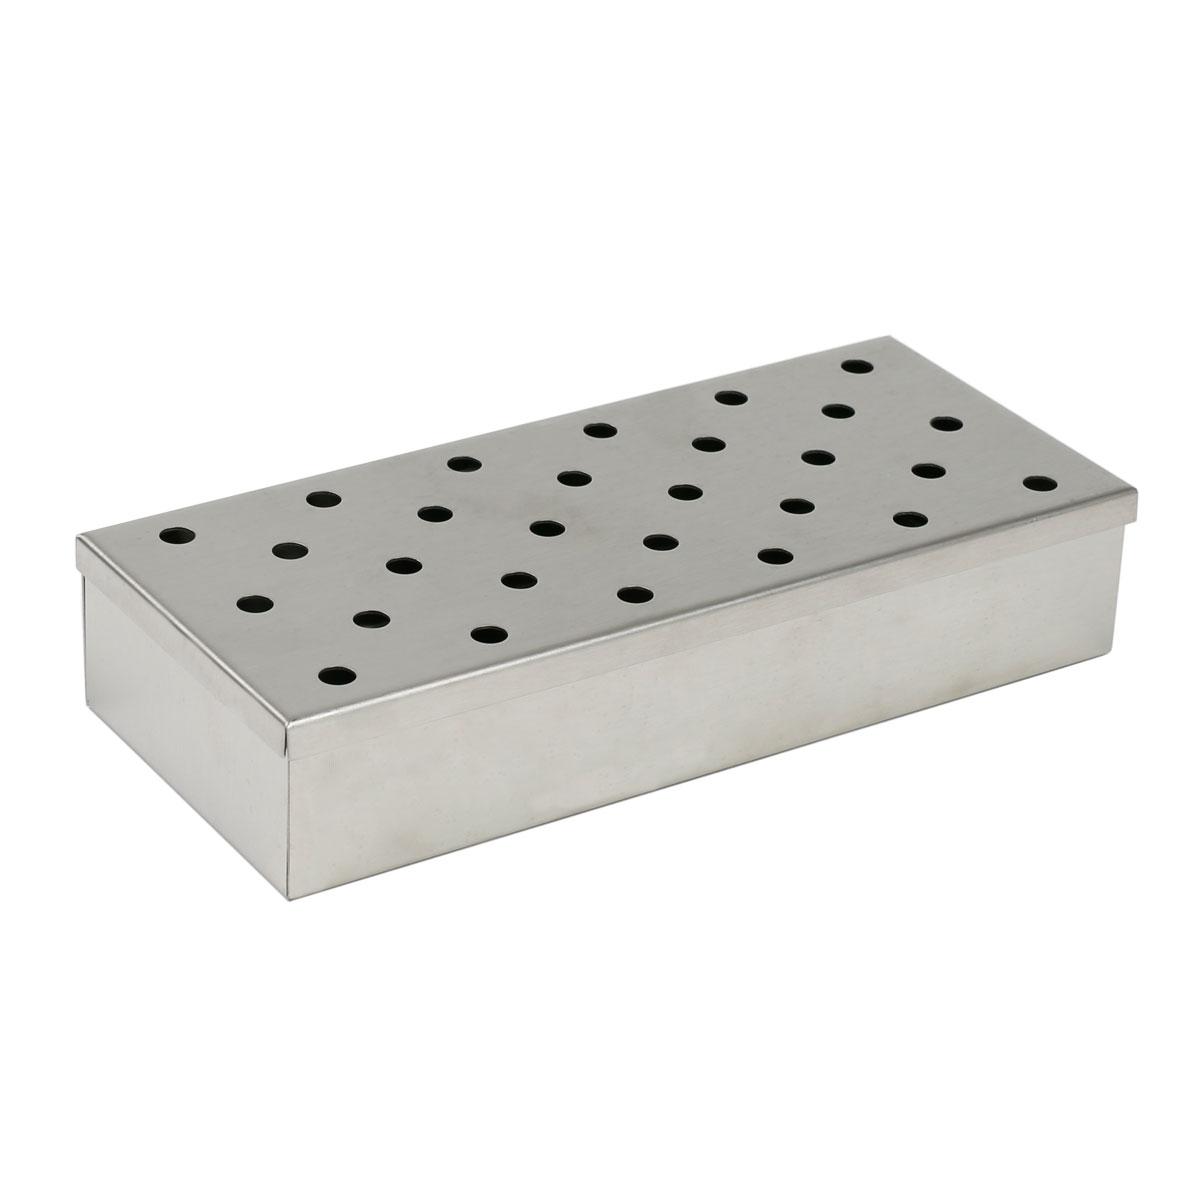 90036 TAINO Räucherbox für Gasgrills